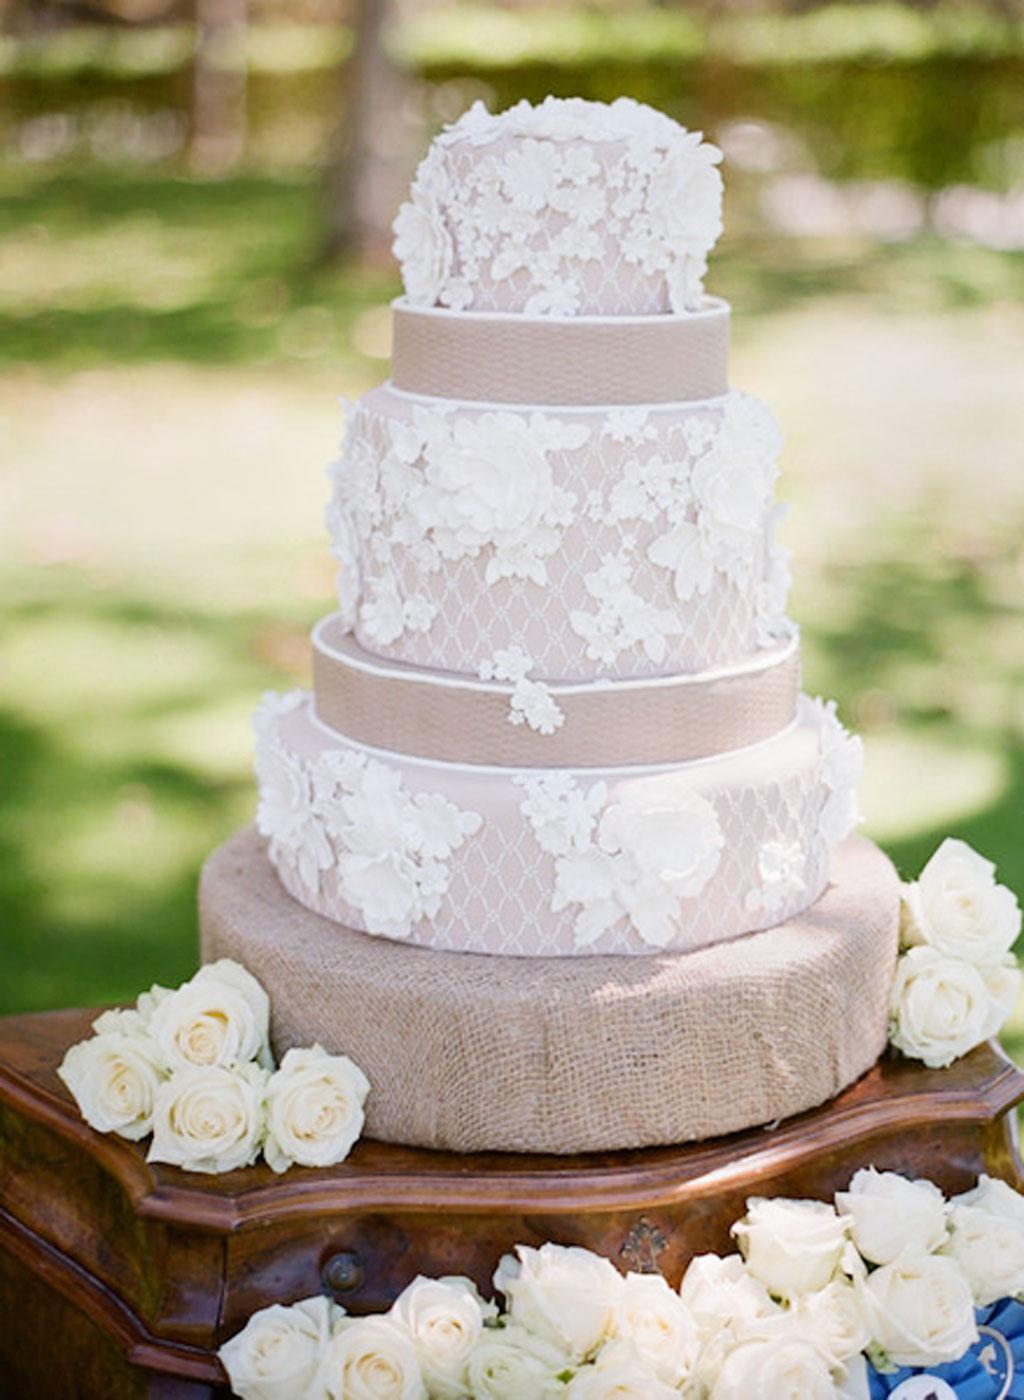 Burlap And Lace Wedding Cakes Wedding Cake - Cake Ideas by Prayface.net